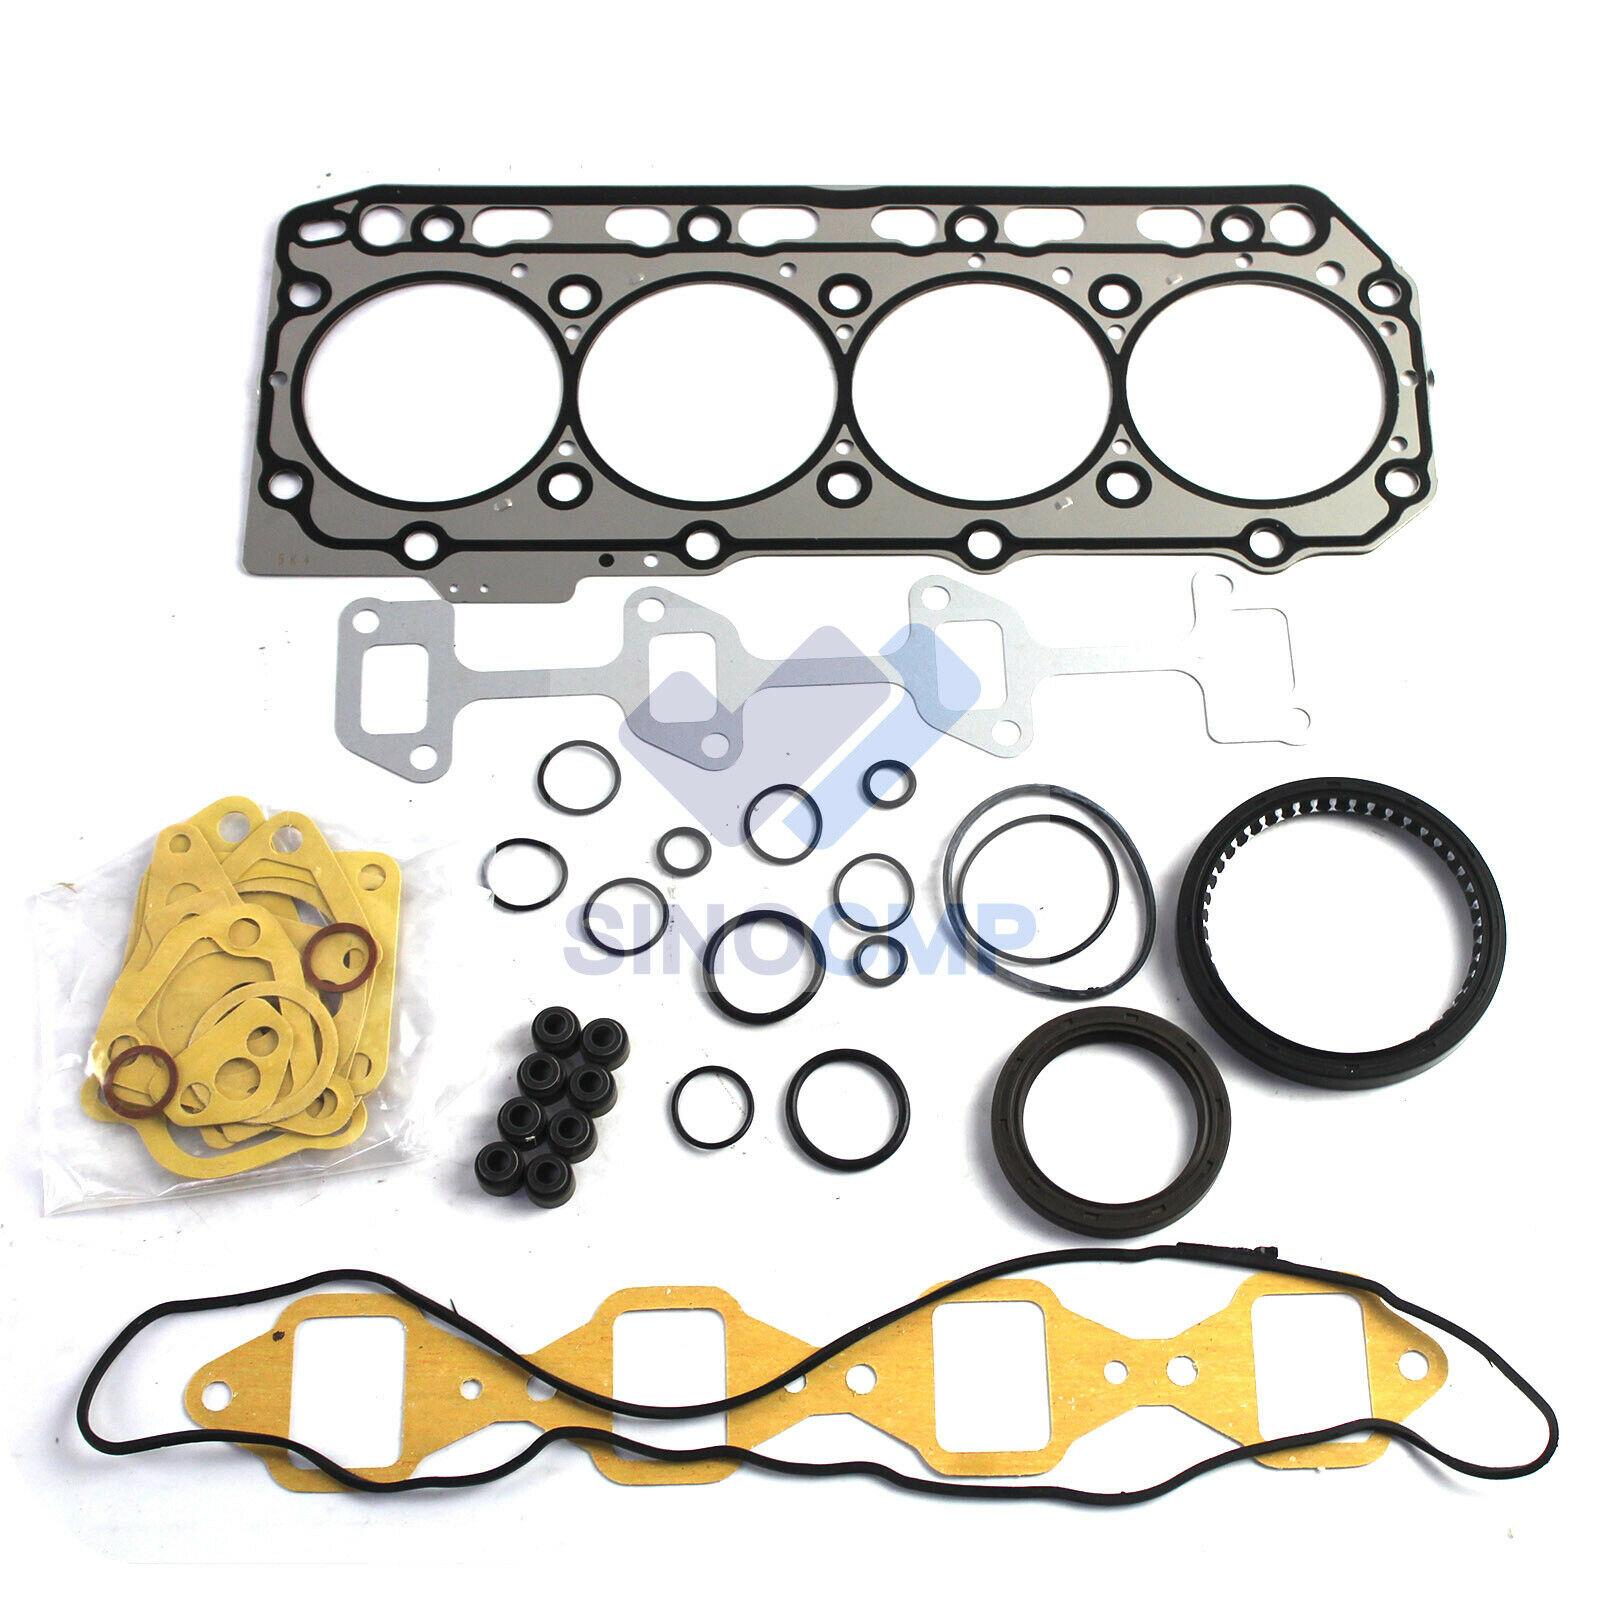 V1505 V1505-E jeu de joints moteur complet 16285-99352 pour Kubota tracteur moteur Kit de reconstruction pièces 3 mois de garantie